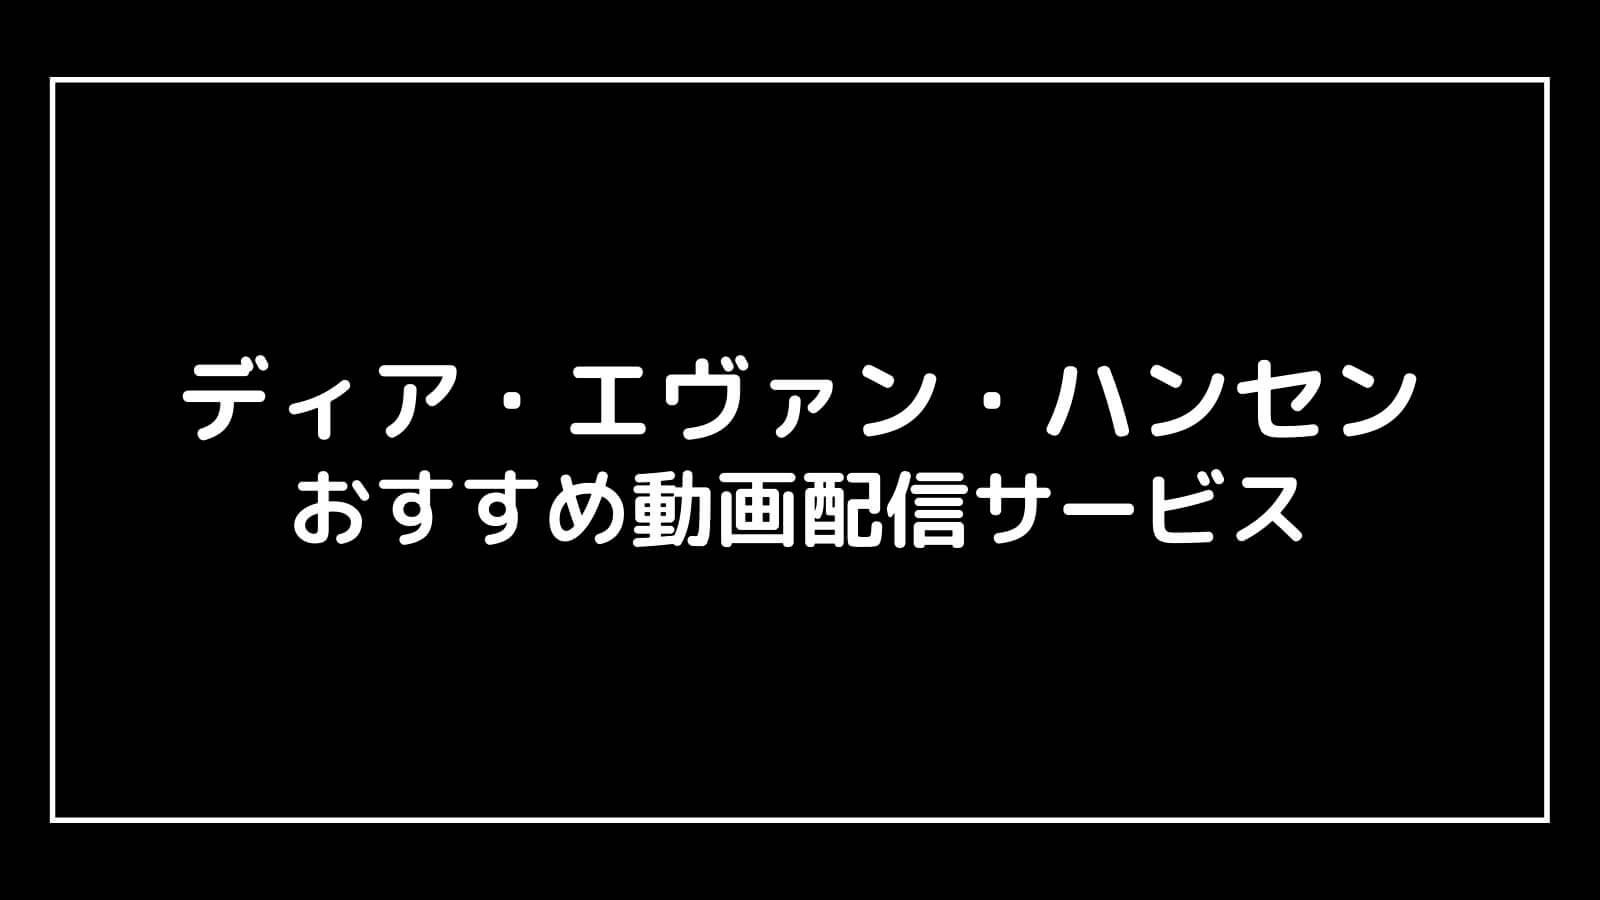 映画『ディア・エヴァン・ハンセン』の動画配信を無料視聴できるサブスク一覧